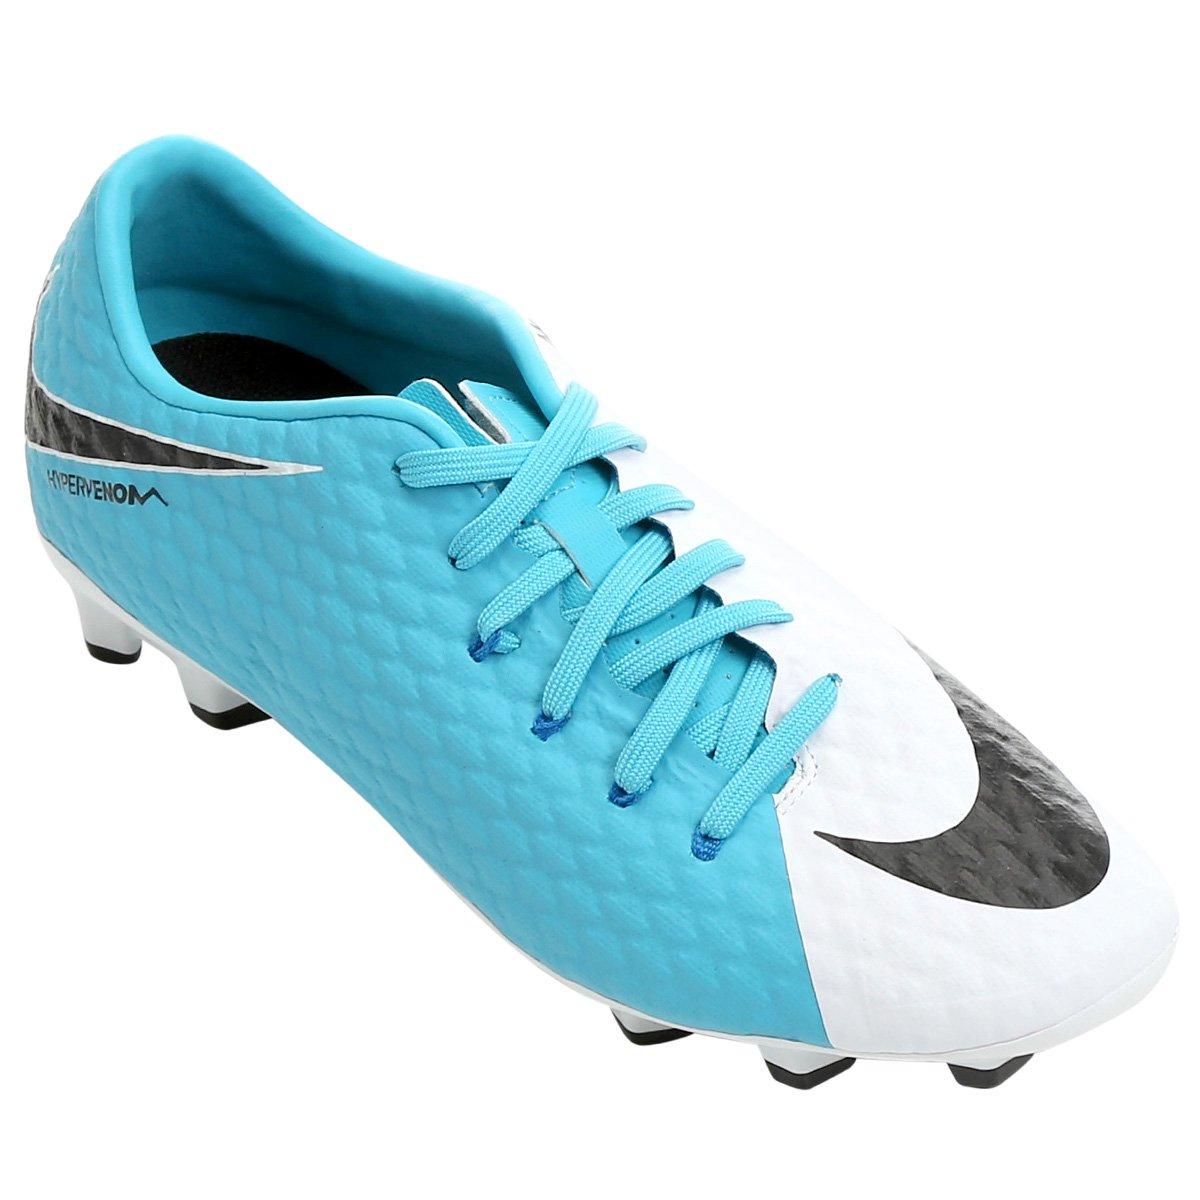 3aa4718df6 Chuteira Campo Nike Hypervenom Phelon 3 FG